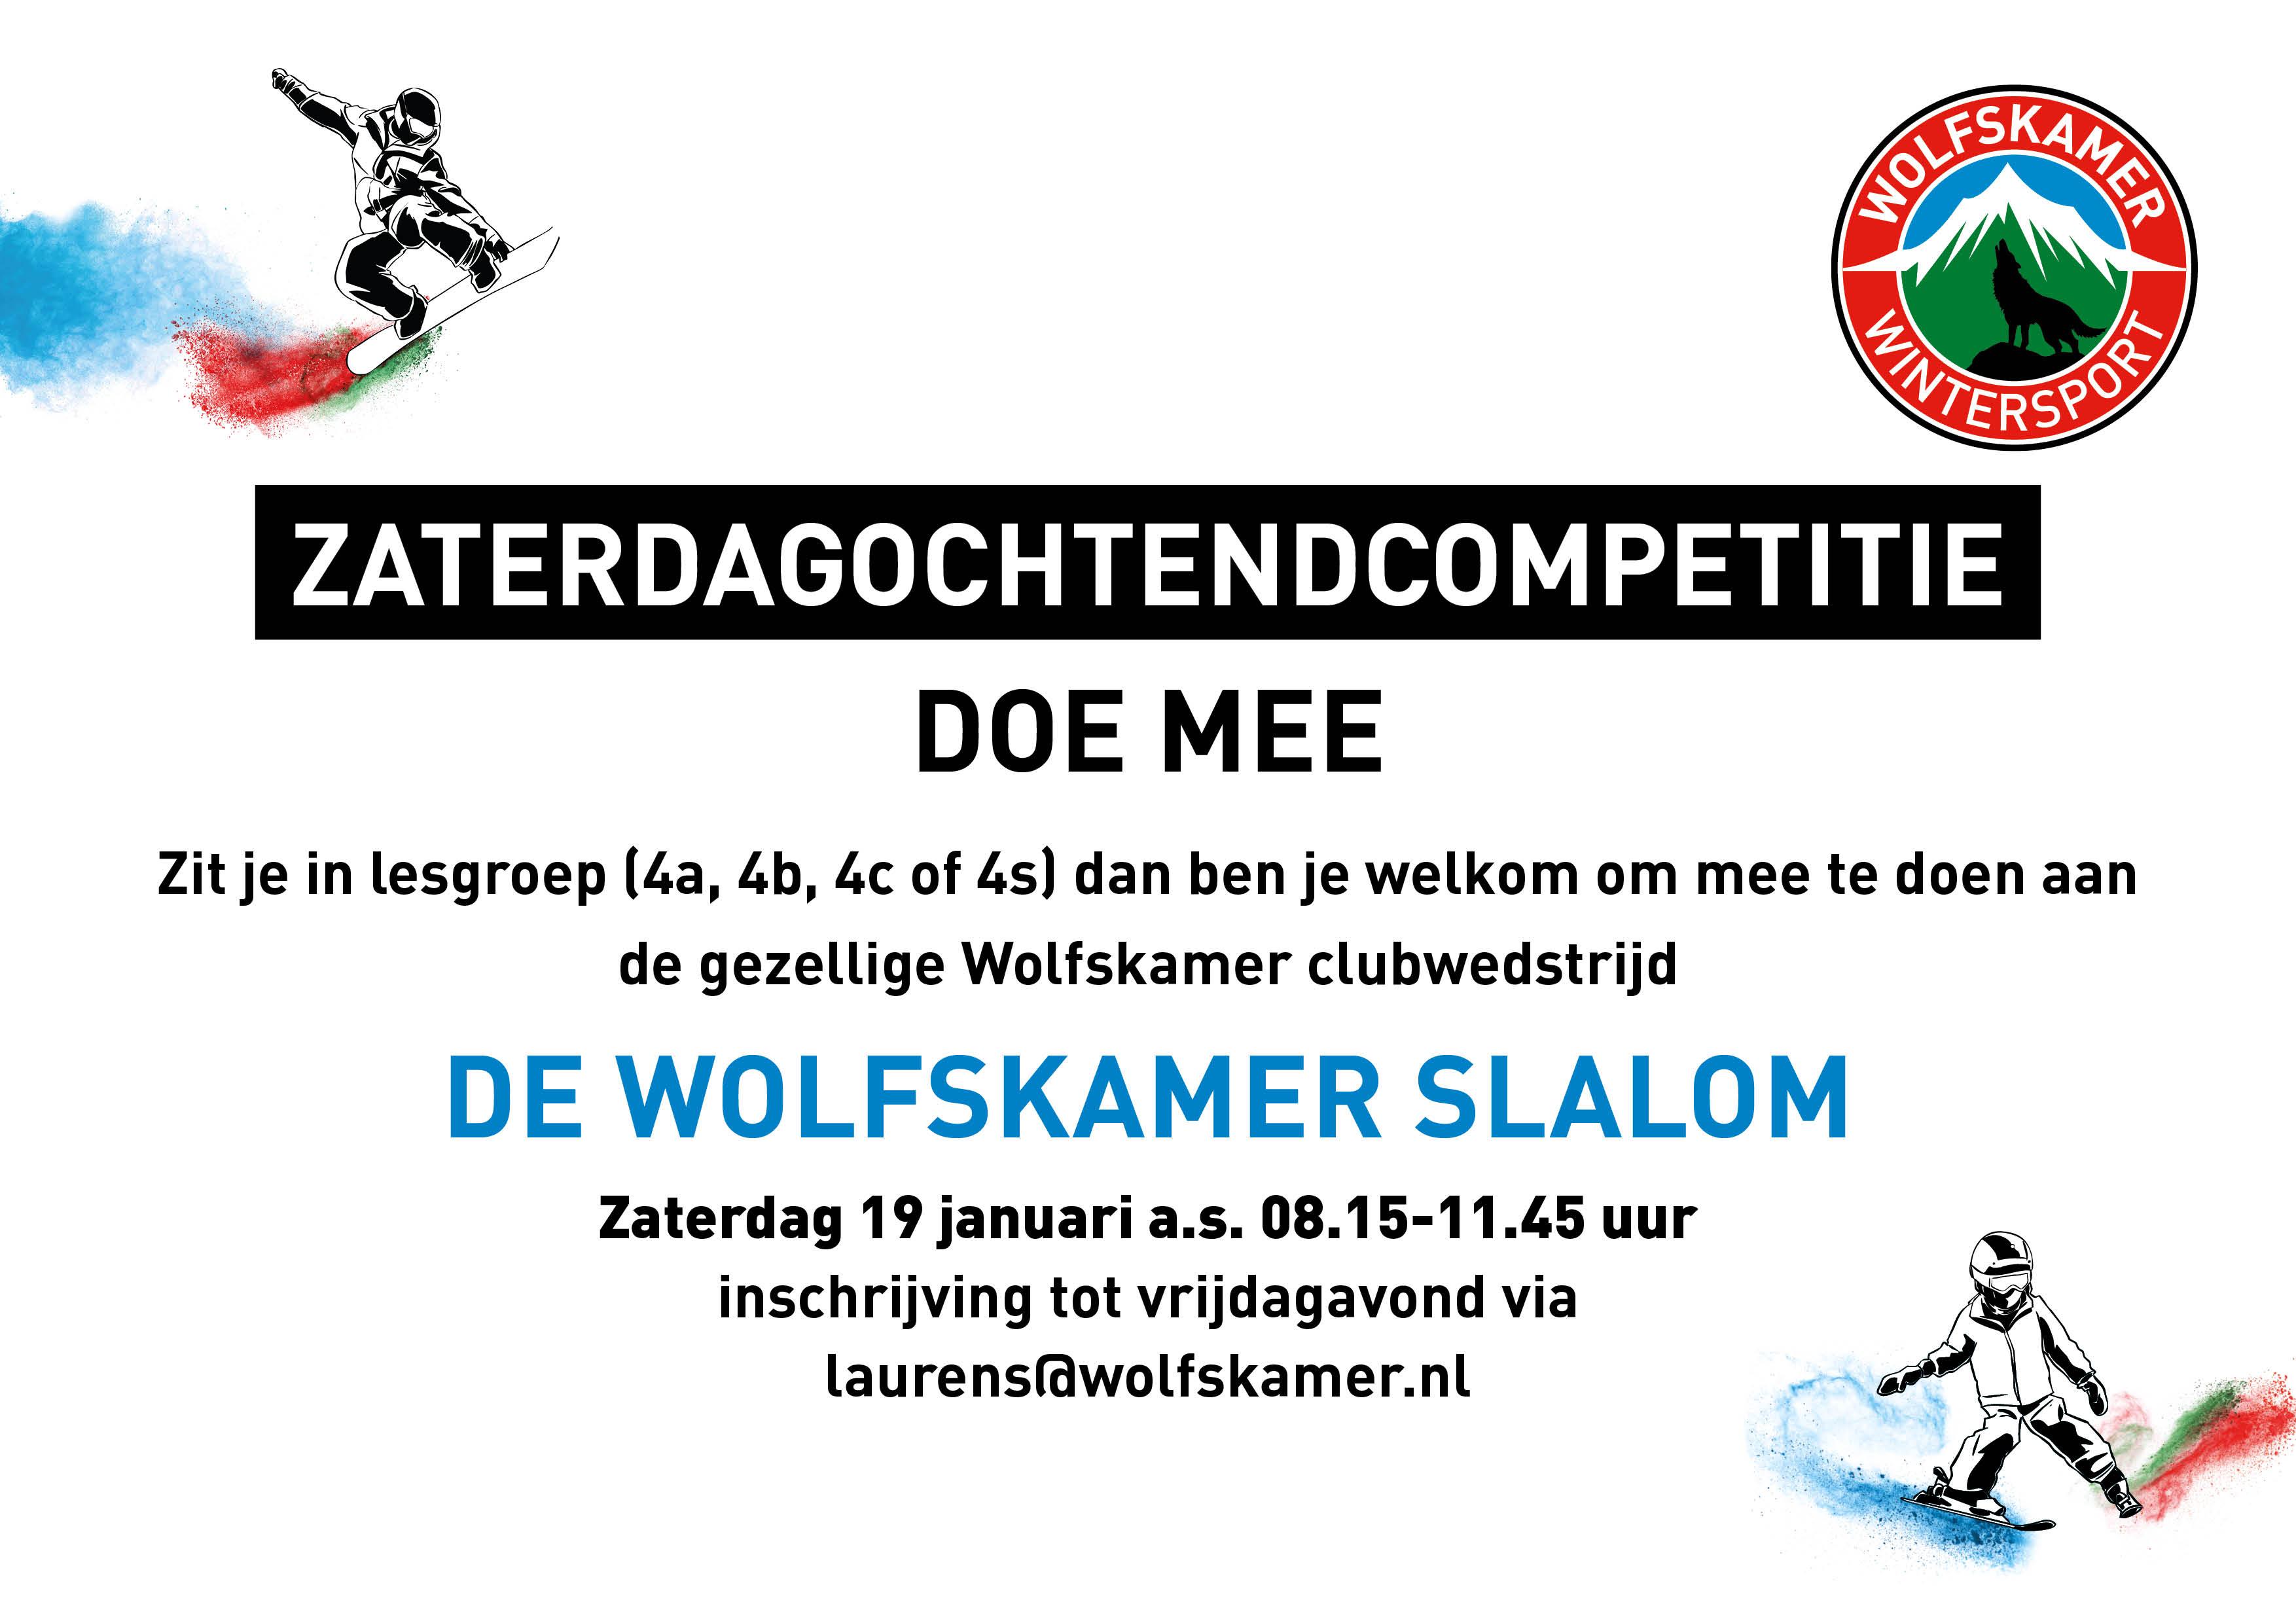 Schrijf je in en doe mee met de zaterdagochtendcompetitie, een leuke clubwedstrijd bij Wolfskamer Wintersport